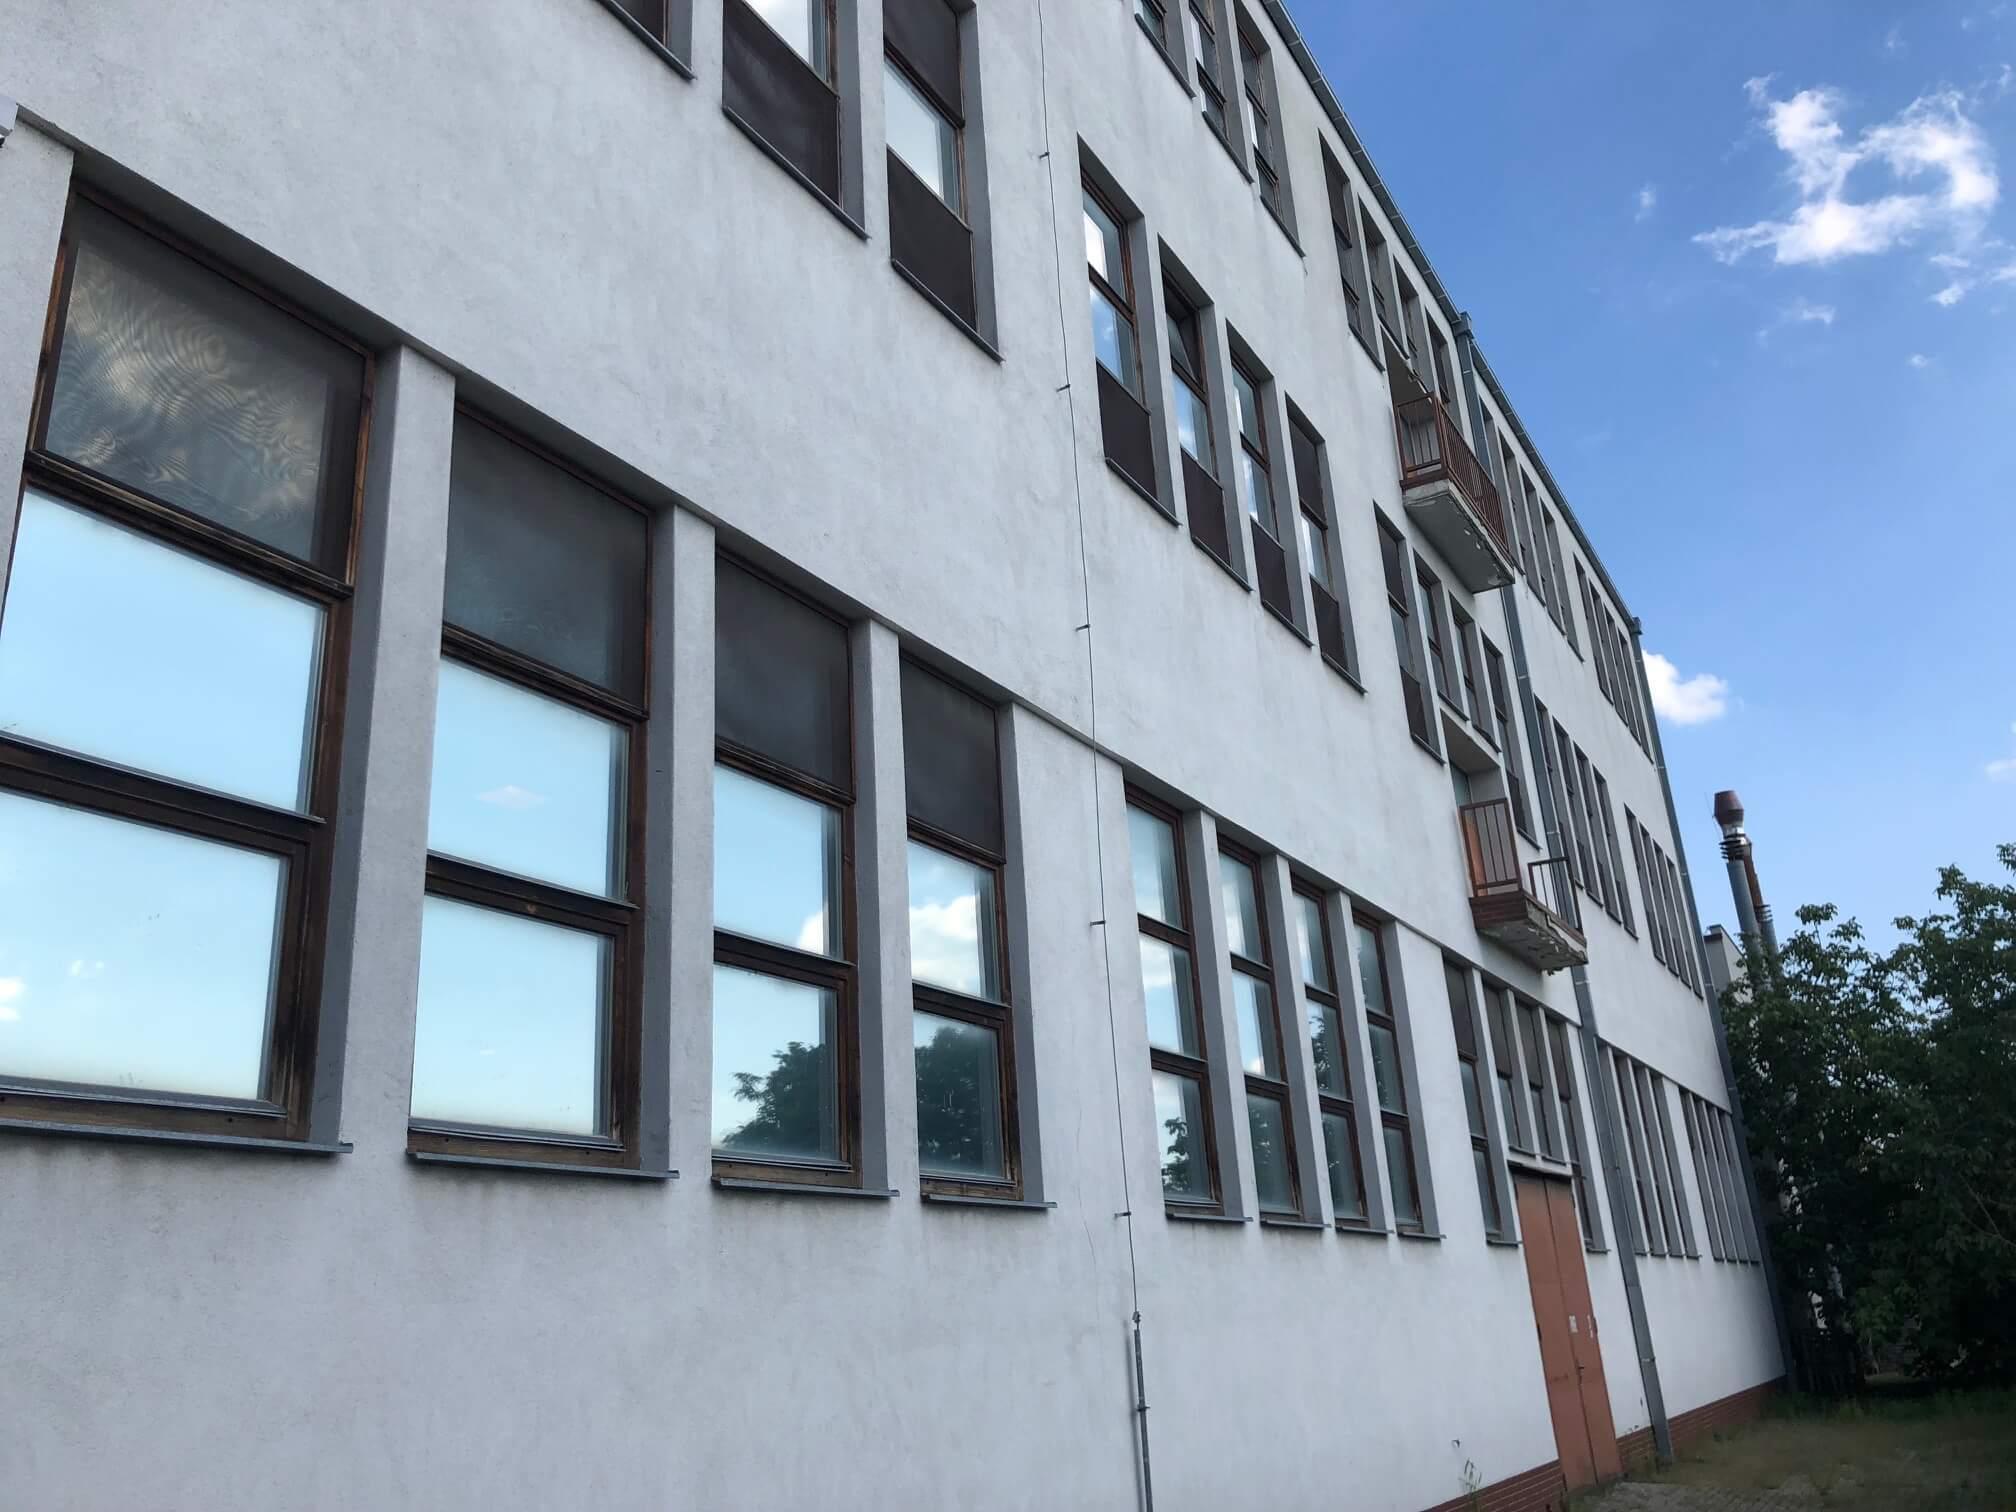 Na prenájom Budova skladov a výrobne v Dunajskej Strede, Drevárska, pozemok 2272m2, spolu 4 podlažia 4767m2-27